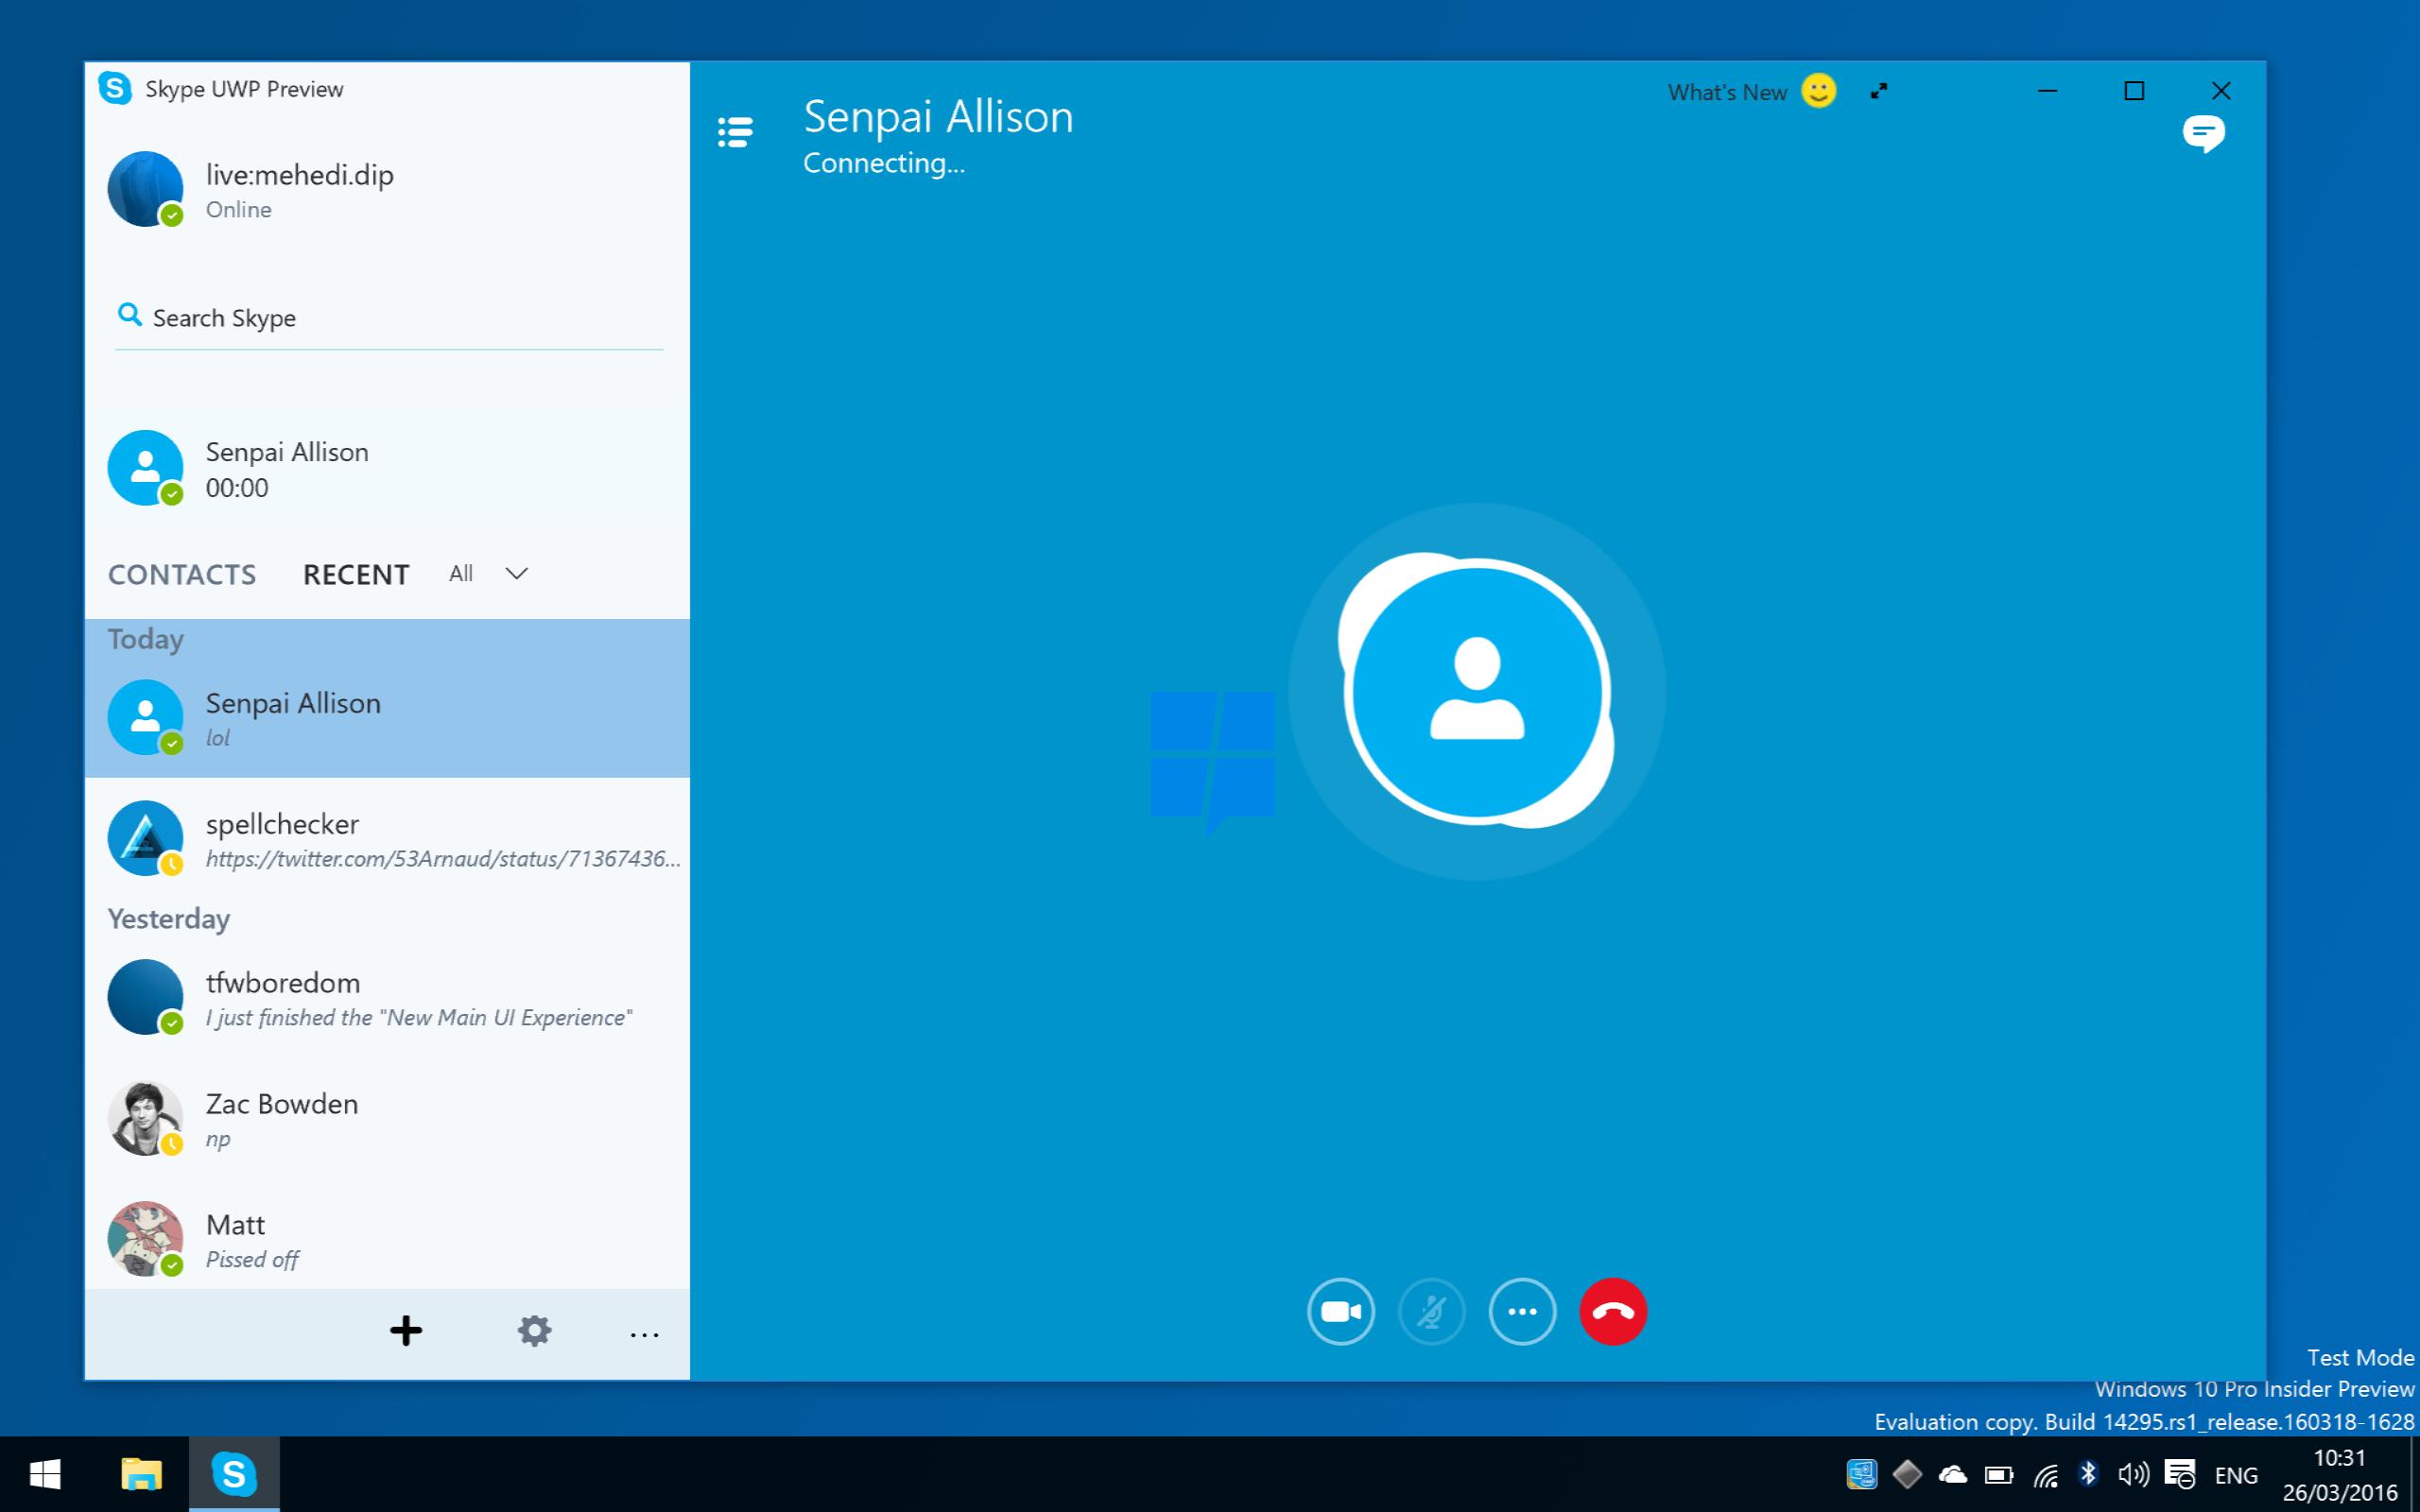 Галерея: скриншоты нового Skype UWP для мобильной и десктопной Windows 10